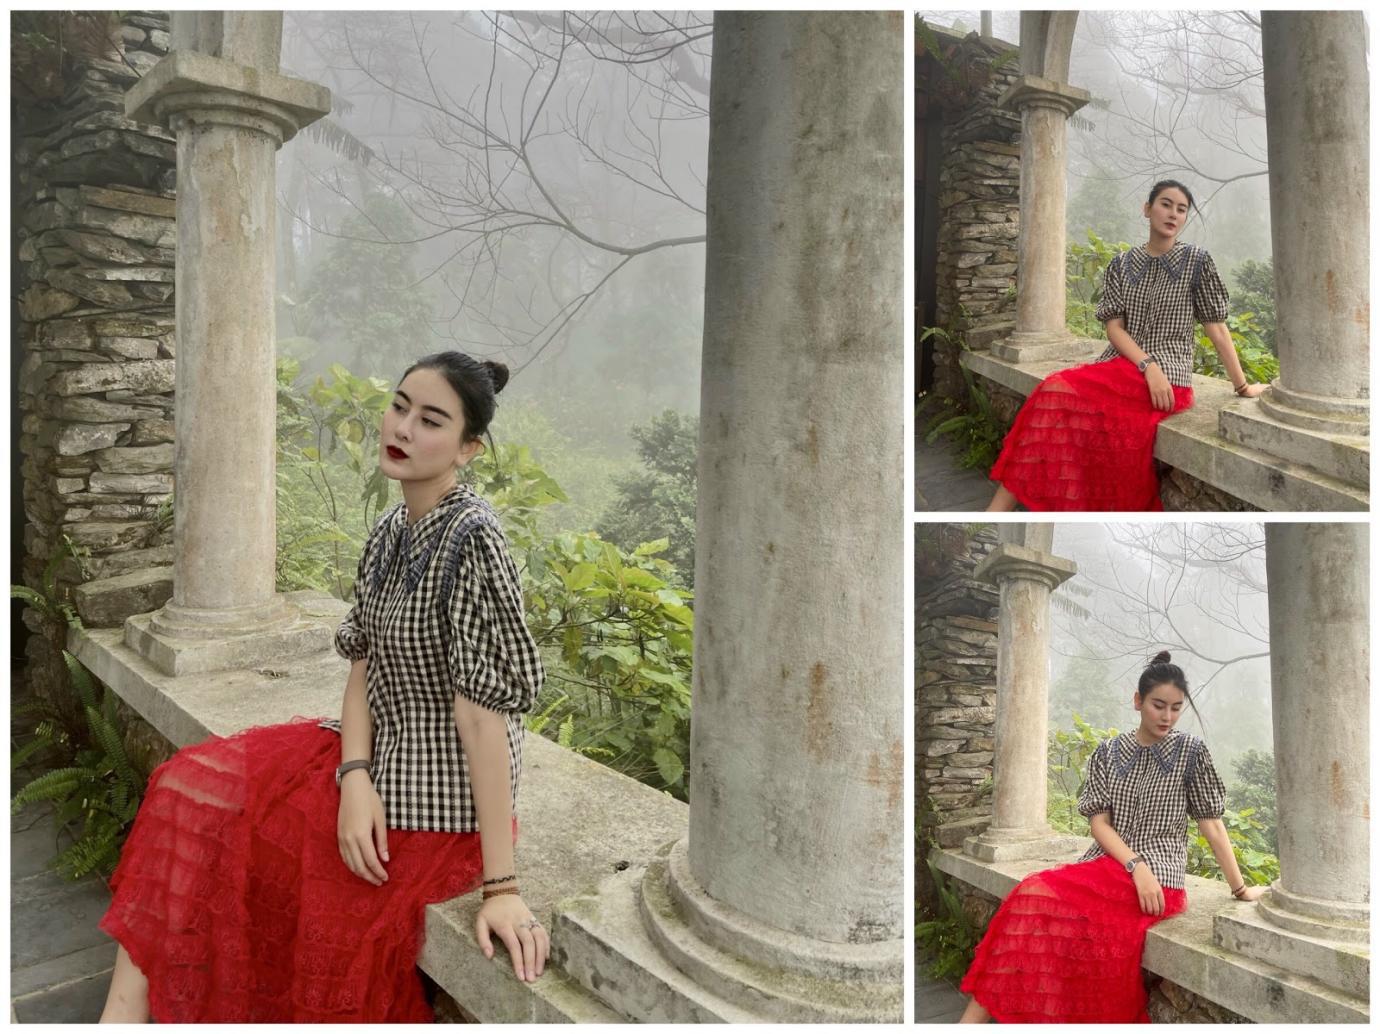 Leenaa clothing gợi ý 7 outfit xuân-hè ngọt ngào tươi mới gây sốt trong năm nay - Ảnh 2.